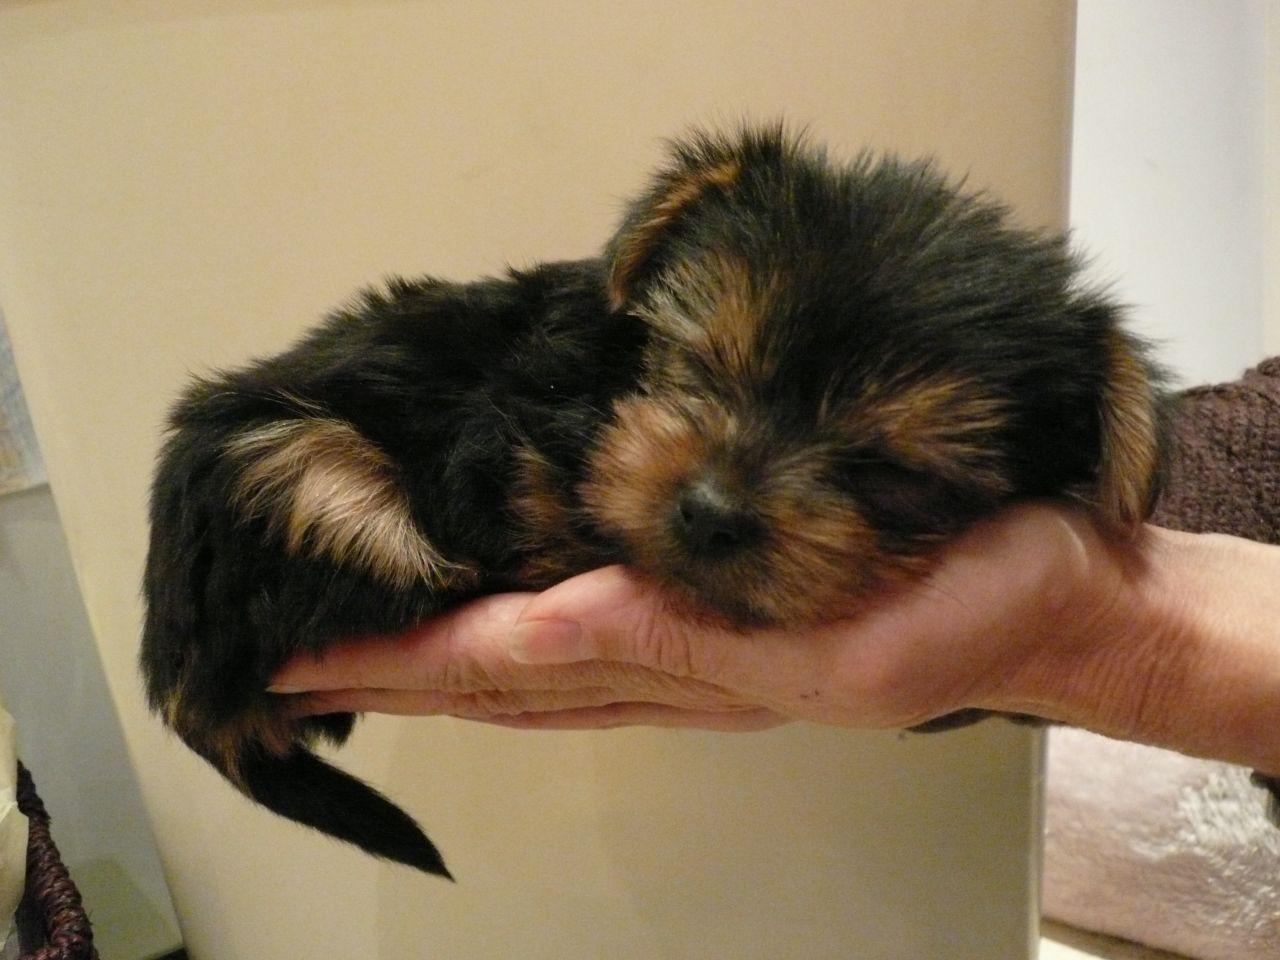 general sleeping habits of yorkshire terriers